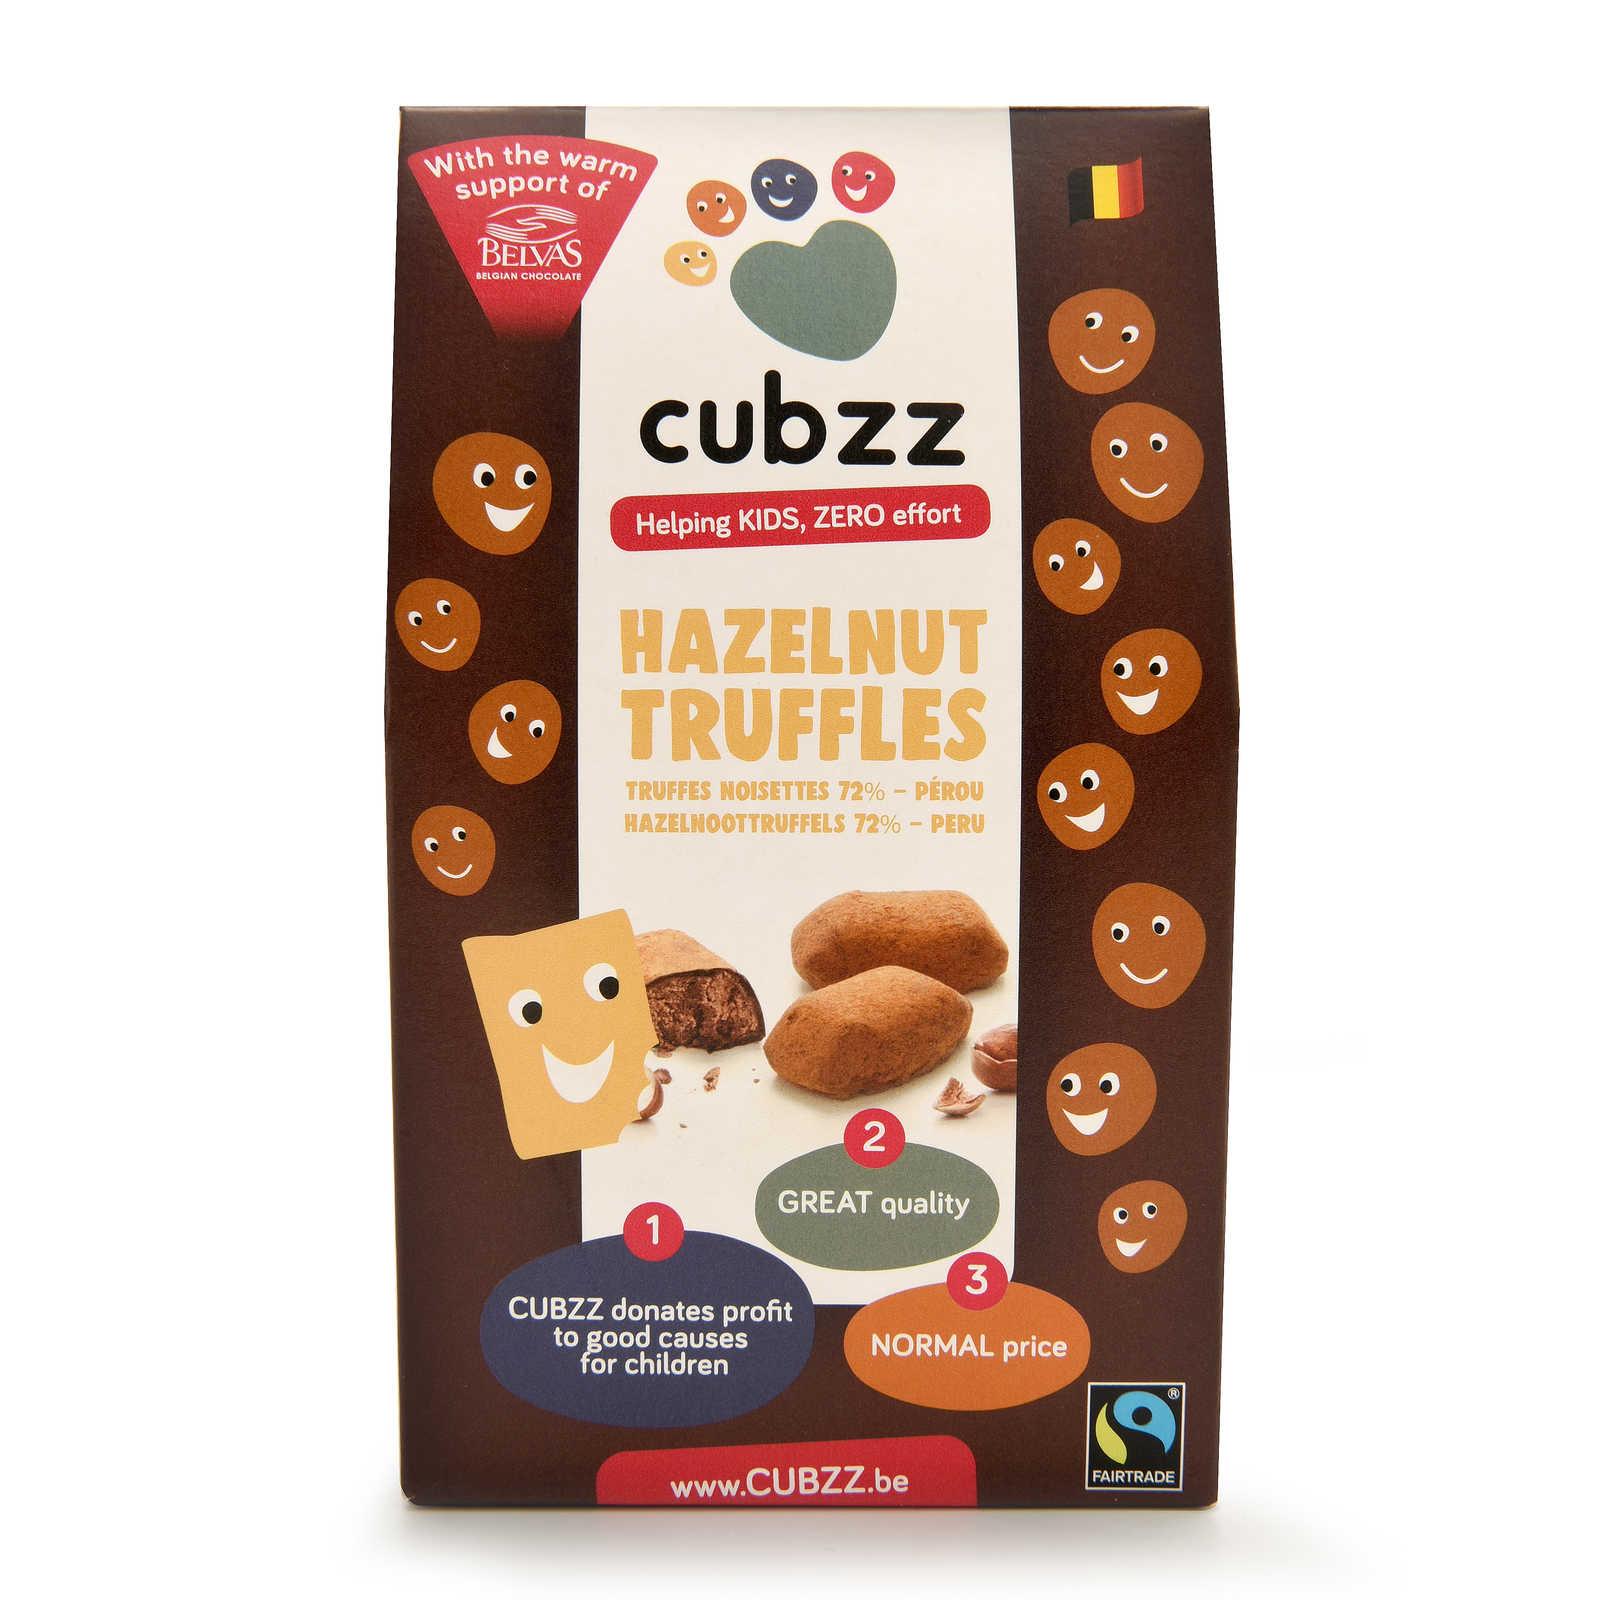 Cubzz